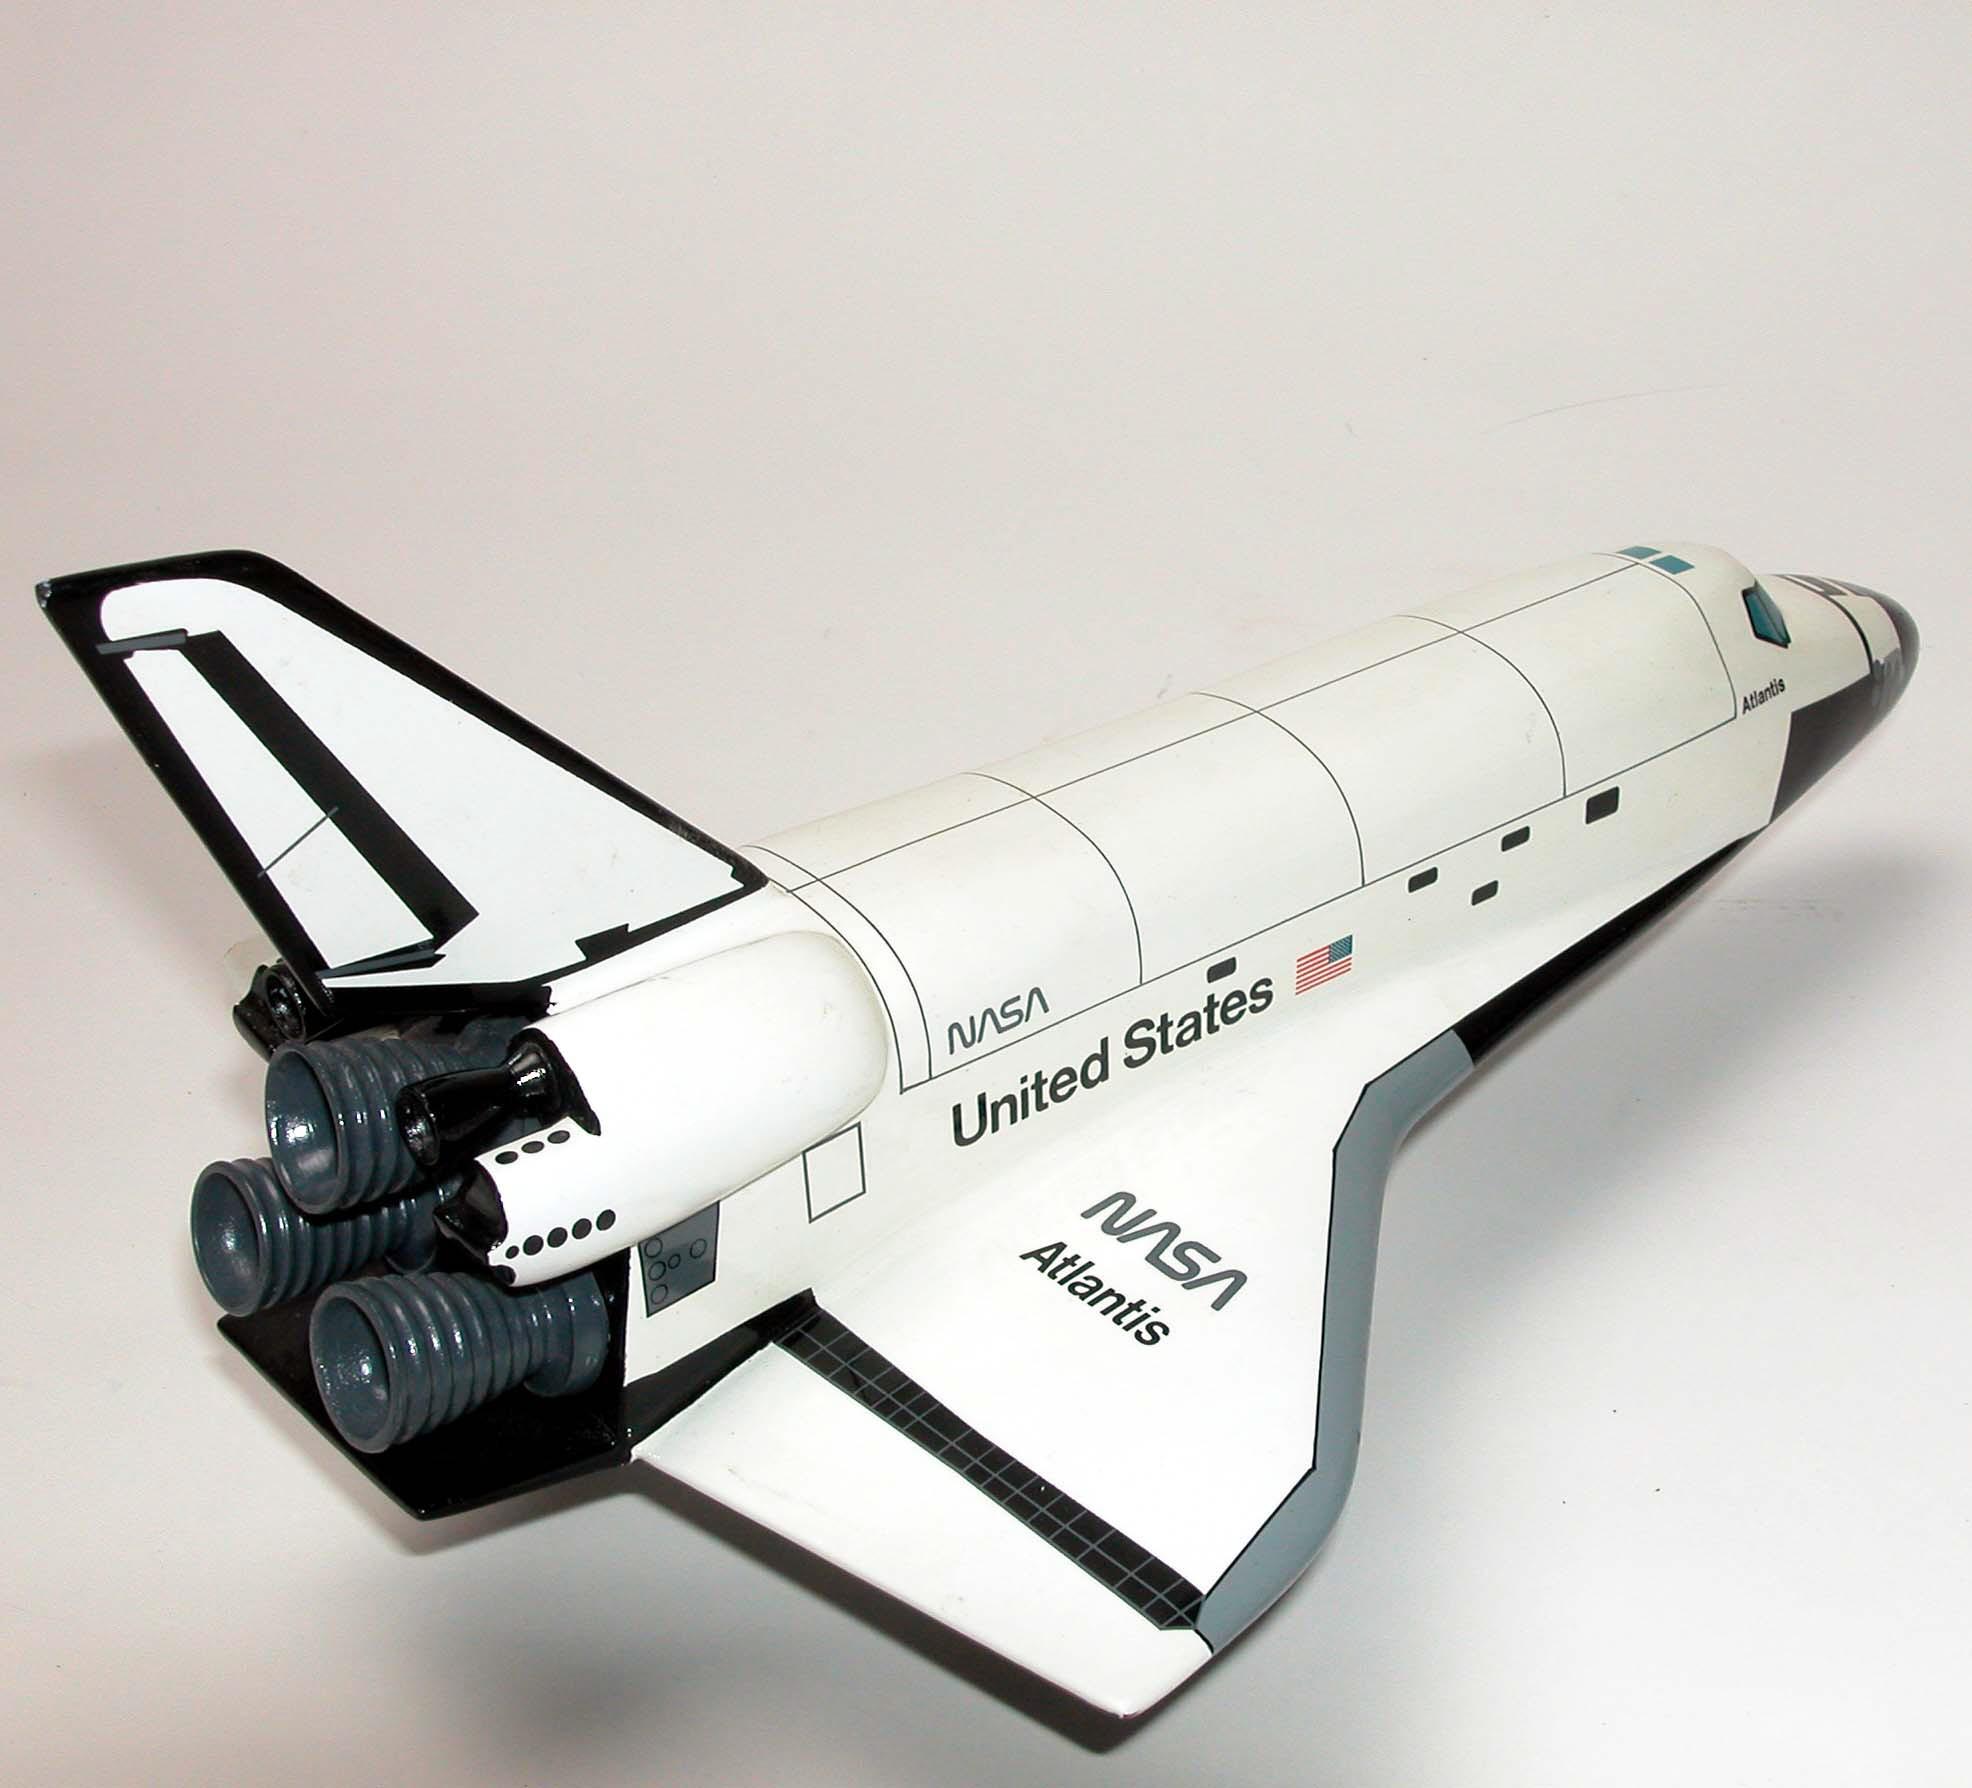 space shuttle orbiter atlantis - photo #18